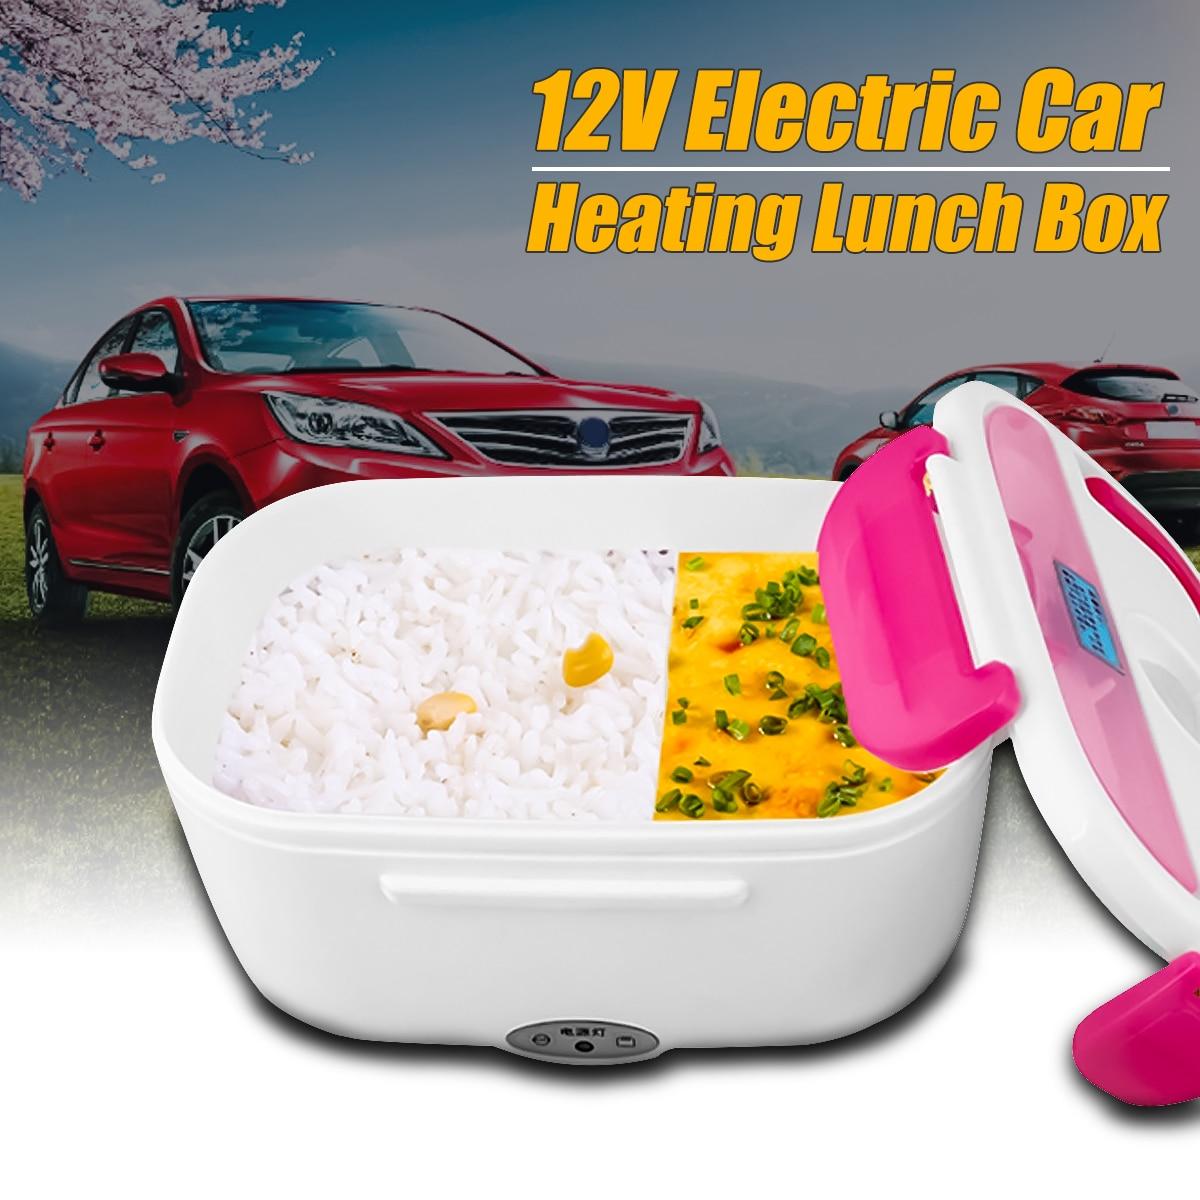 1.05L 12 V coche portátil de calefacción eléctrica de la caja de almuerzo caliente olla de arroz Multi funcional macho contenedor de alimentos Bento caliente sello cubiertos